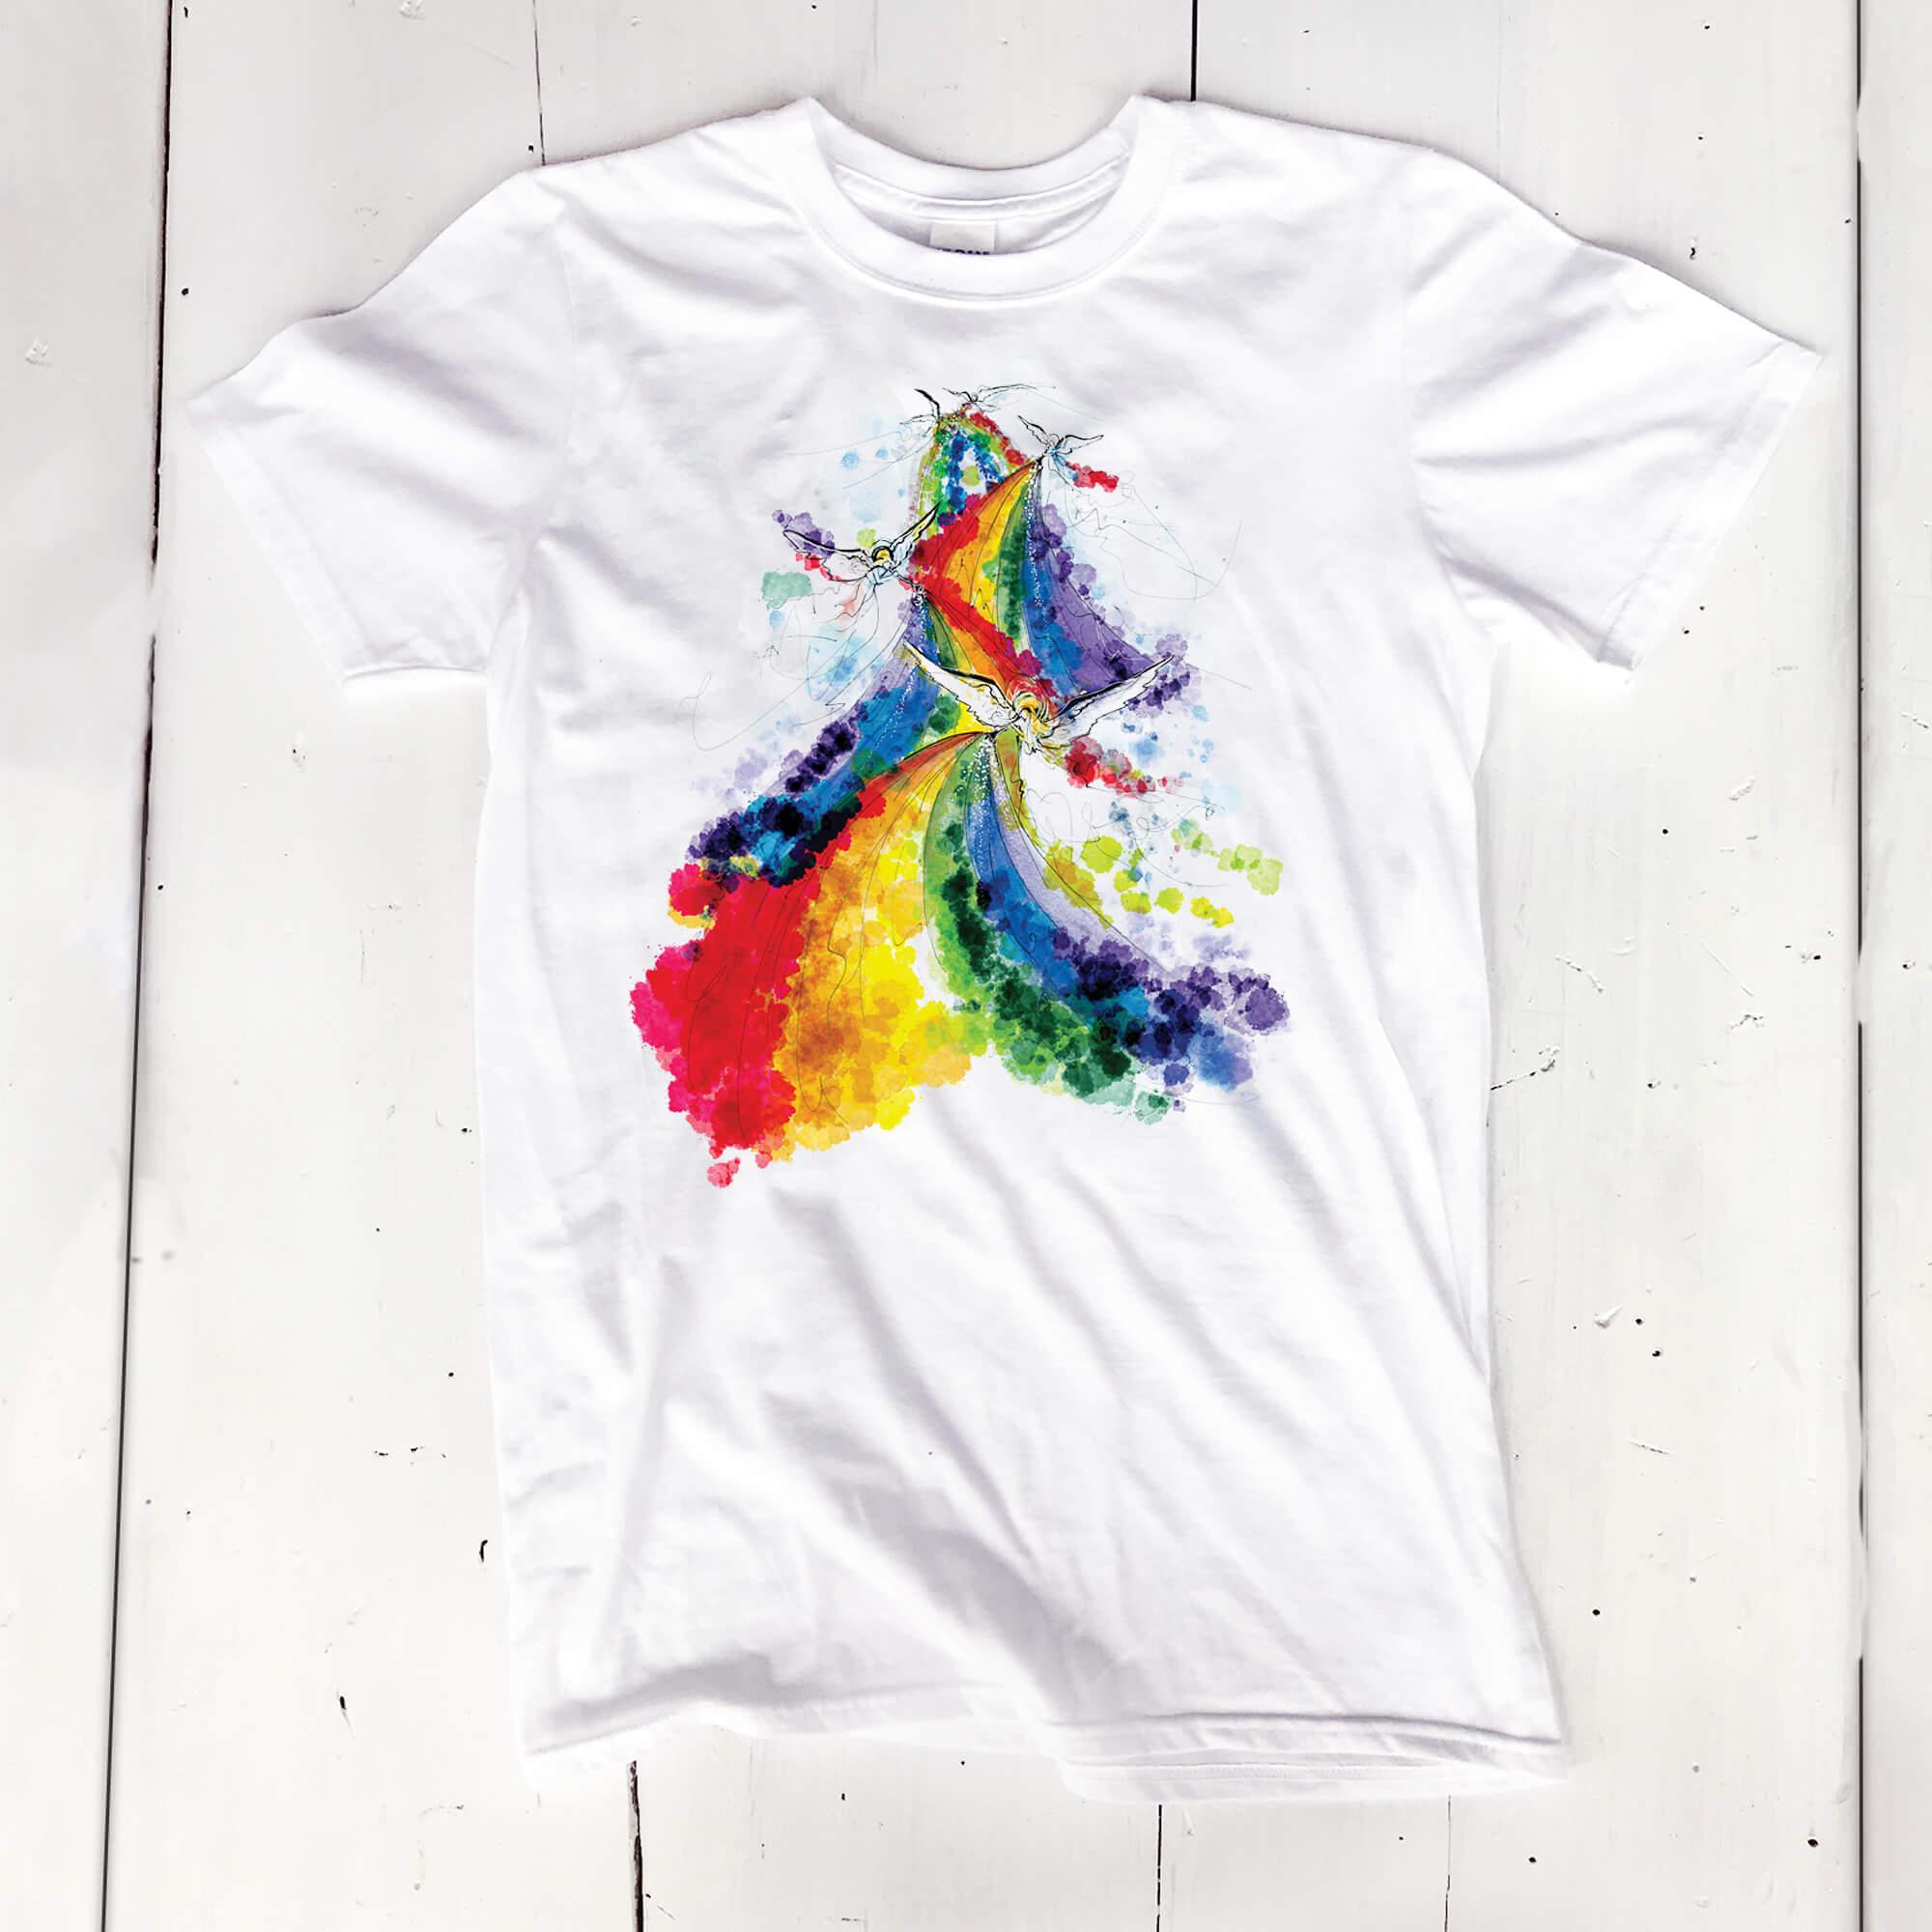 'Rainbow choir' unisex or women's tee - $30